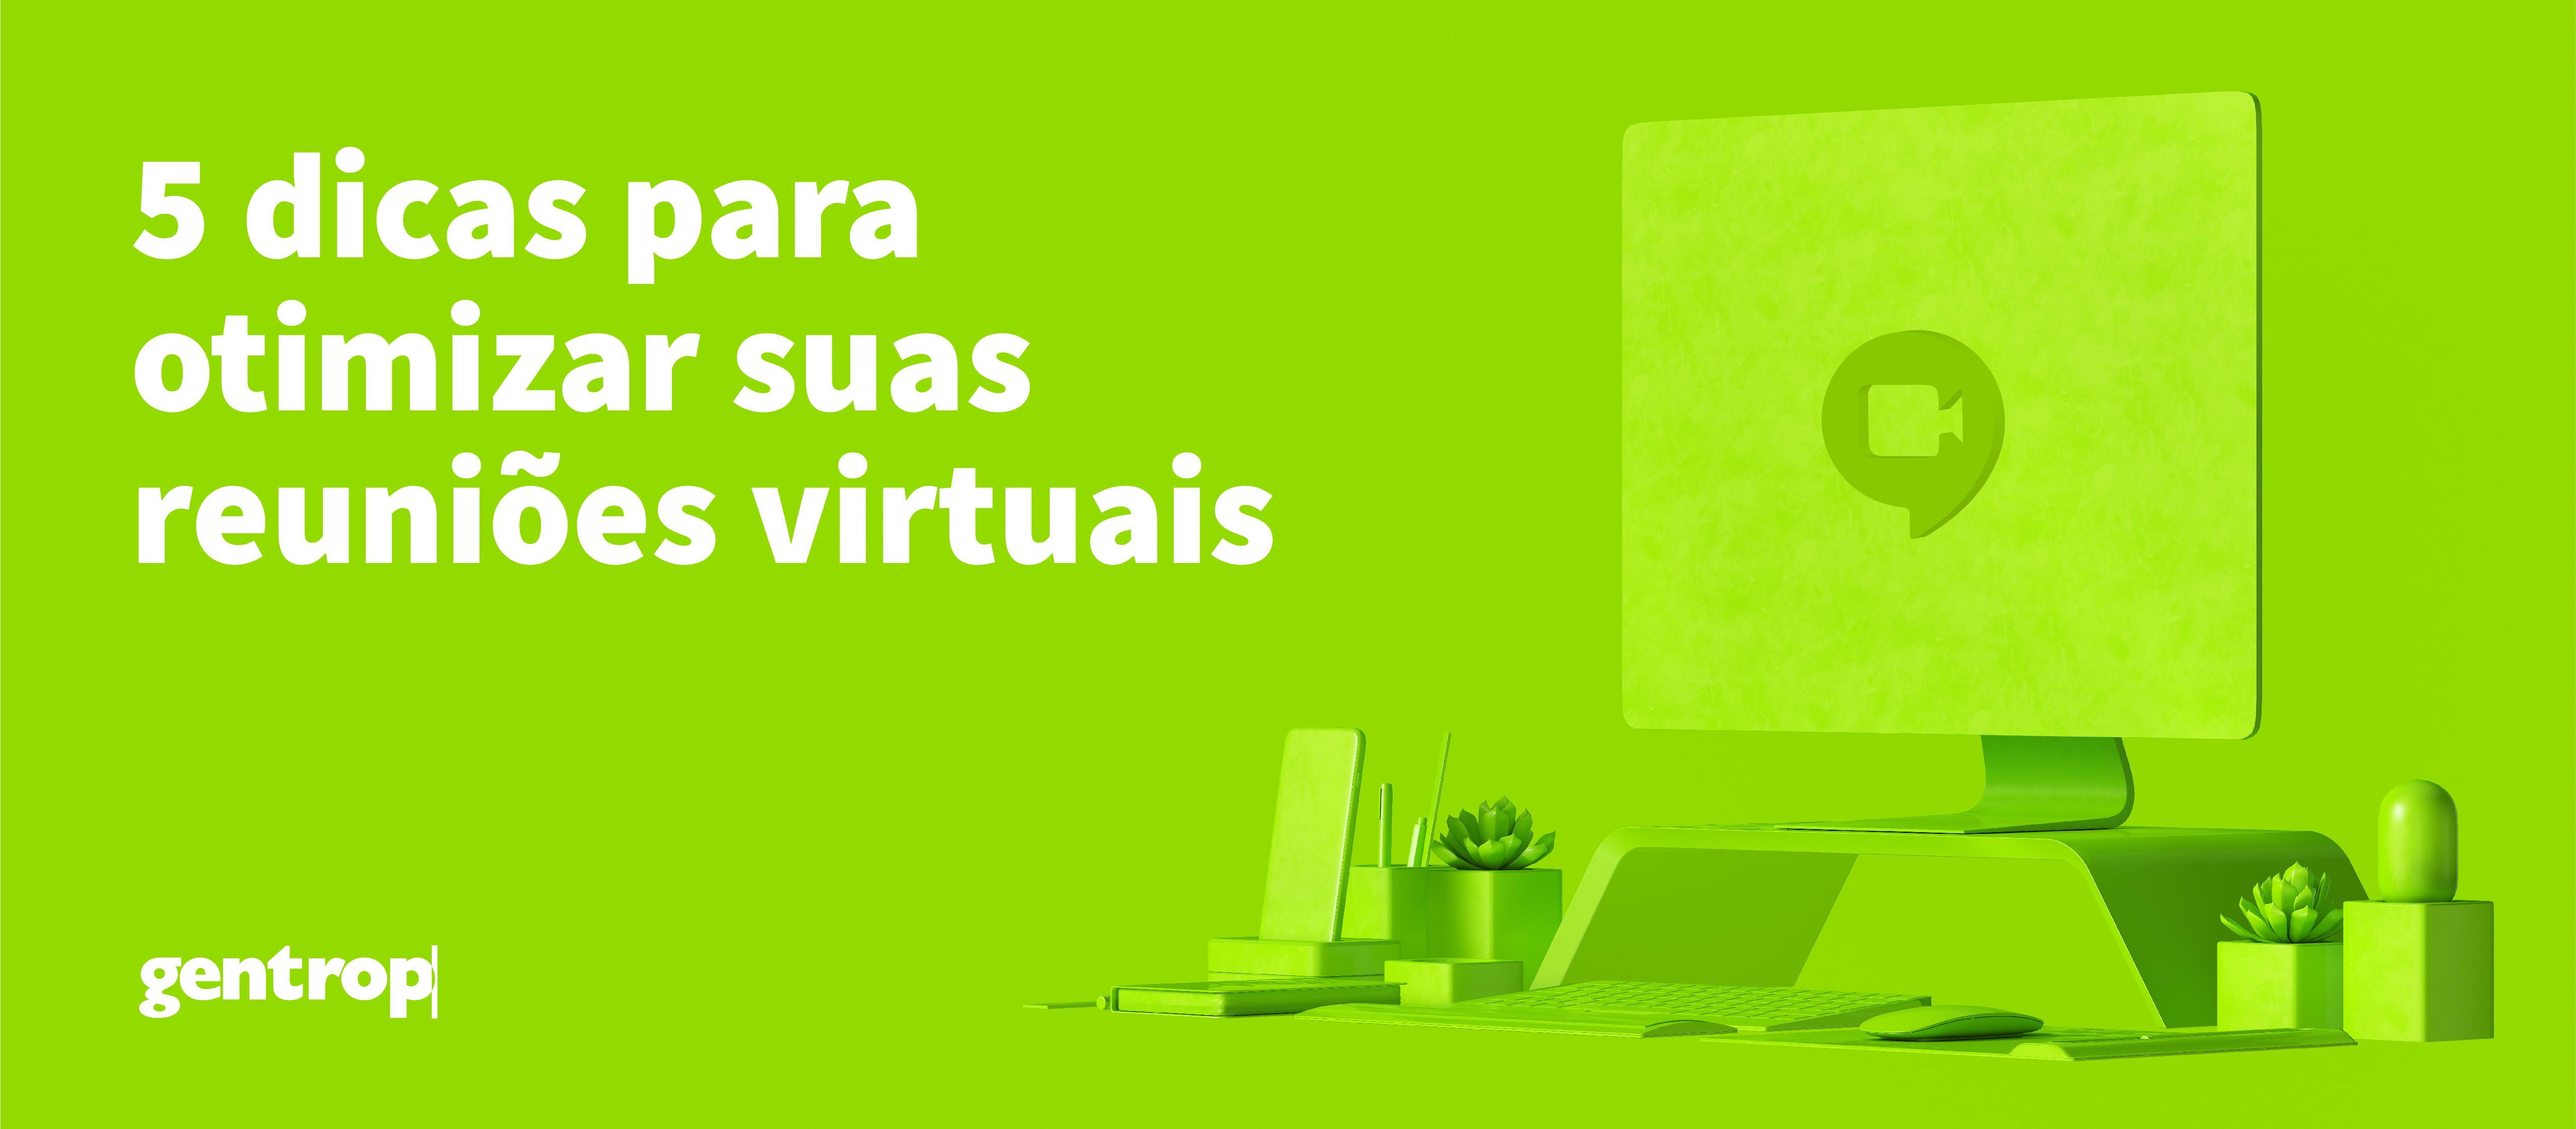 5 extensões que te ajudam a otimizar suas videoconferências no Google Meet